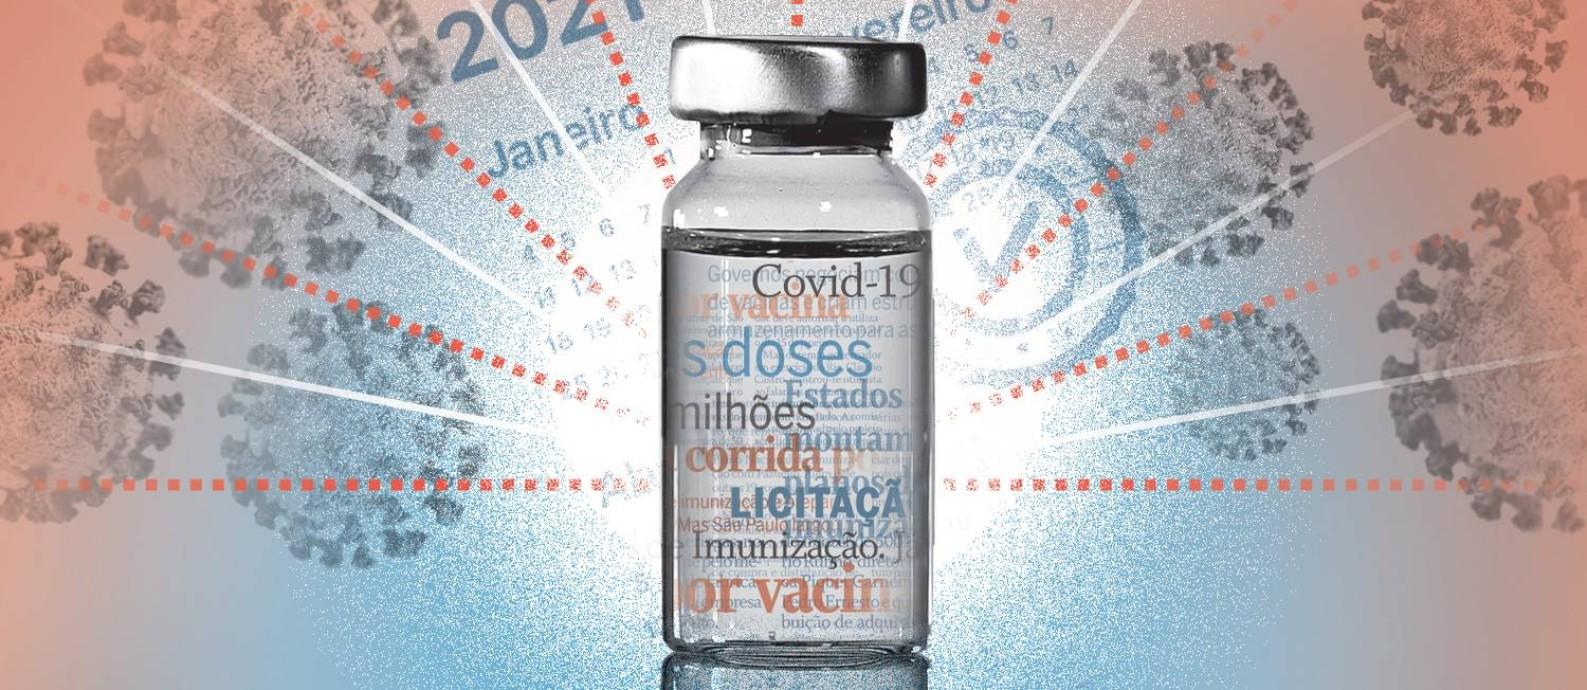 Neste manual reunimos tudo o que você precisa saber sobre as vacinas contra a Covid-19 Foto: Ivan Luiz